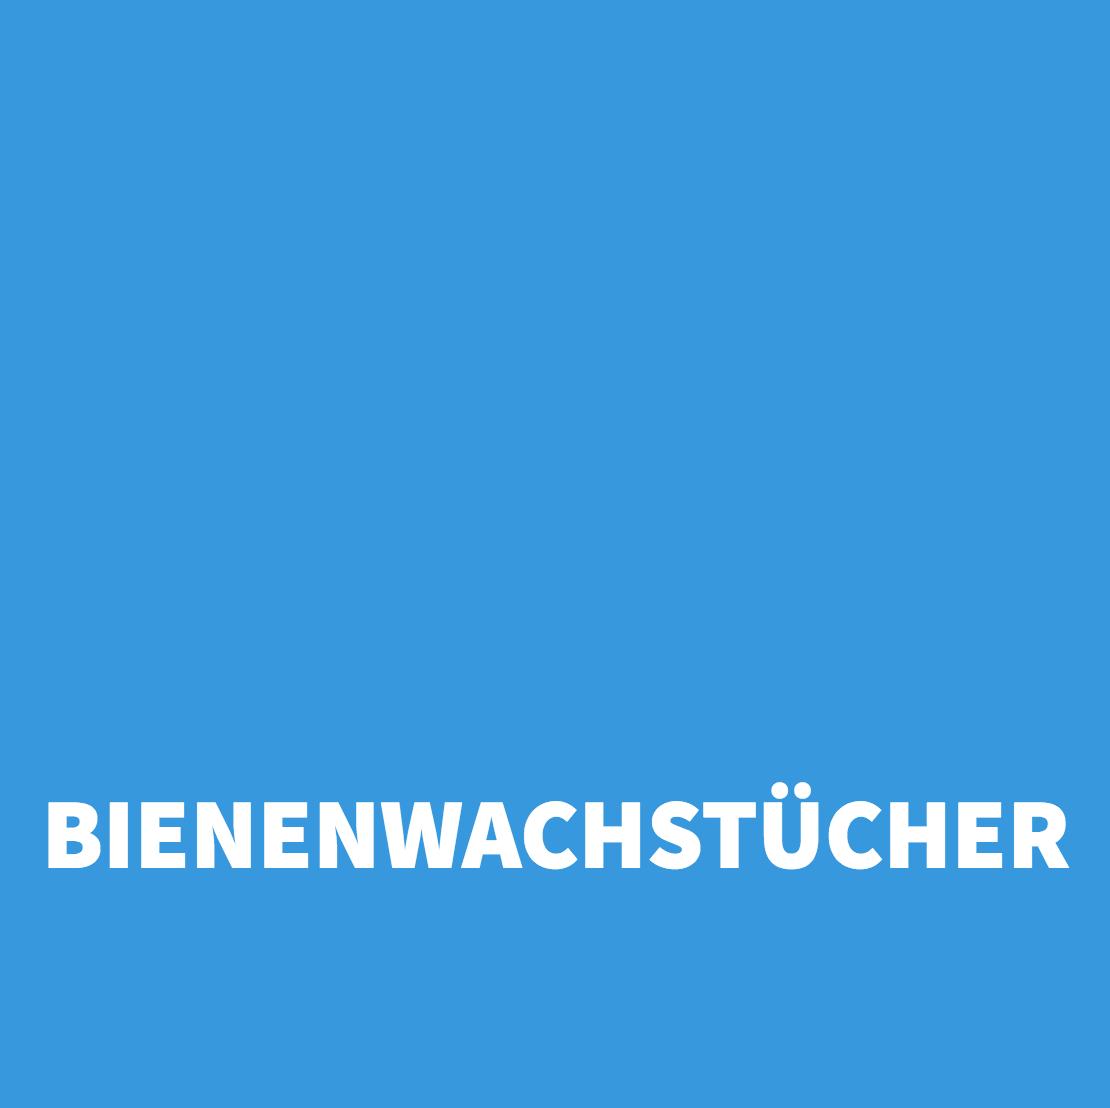 BIENENWACHSTÜCHER Workshop beim foodsharing Festivals 2018 - Rubrik...von Ressourcen